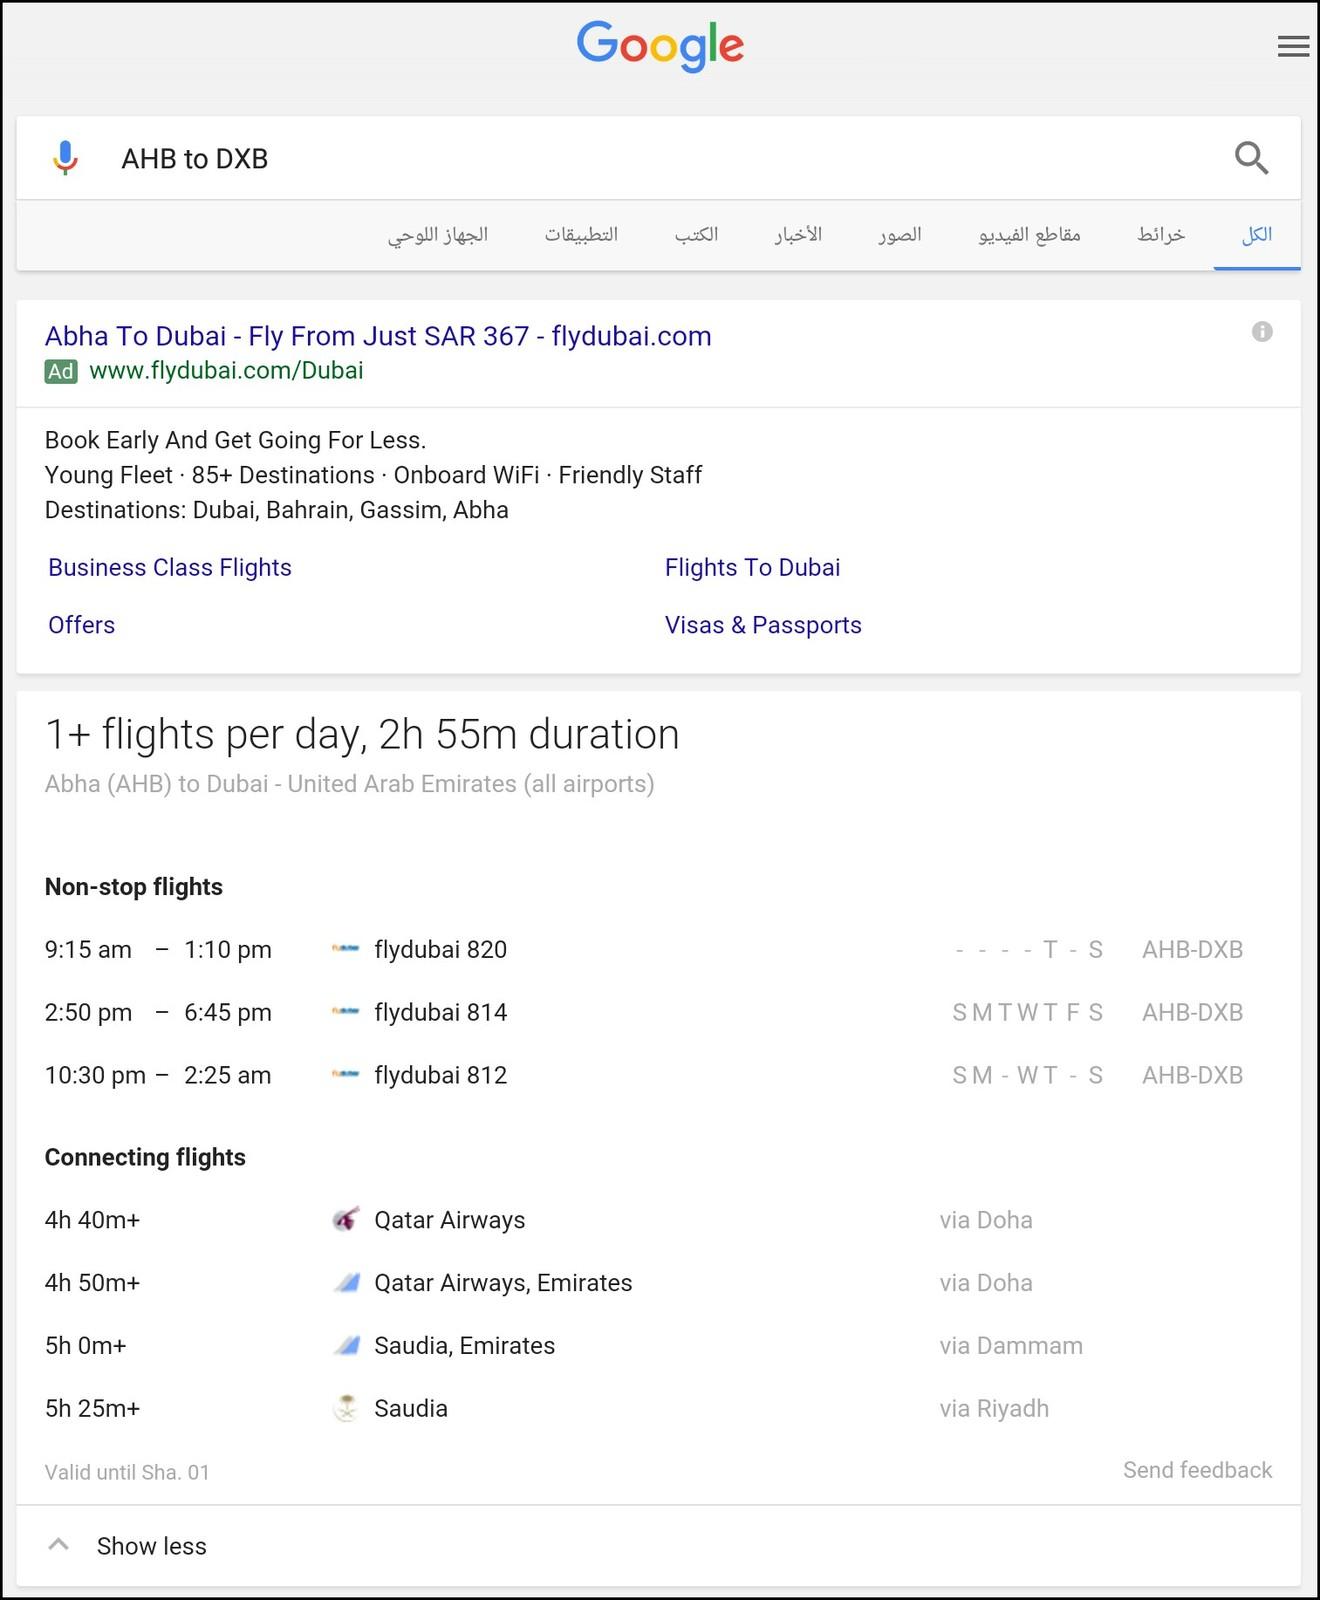 جوجل تمتلك محرك البحث الأول على الإنترنت 687381 المسافرون العرب